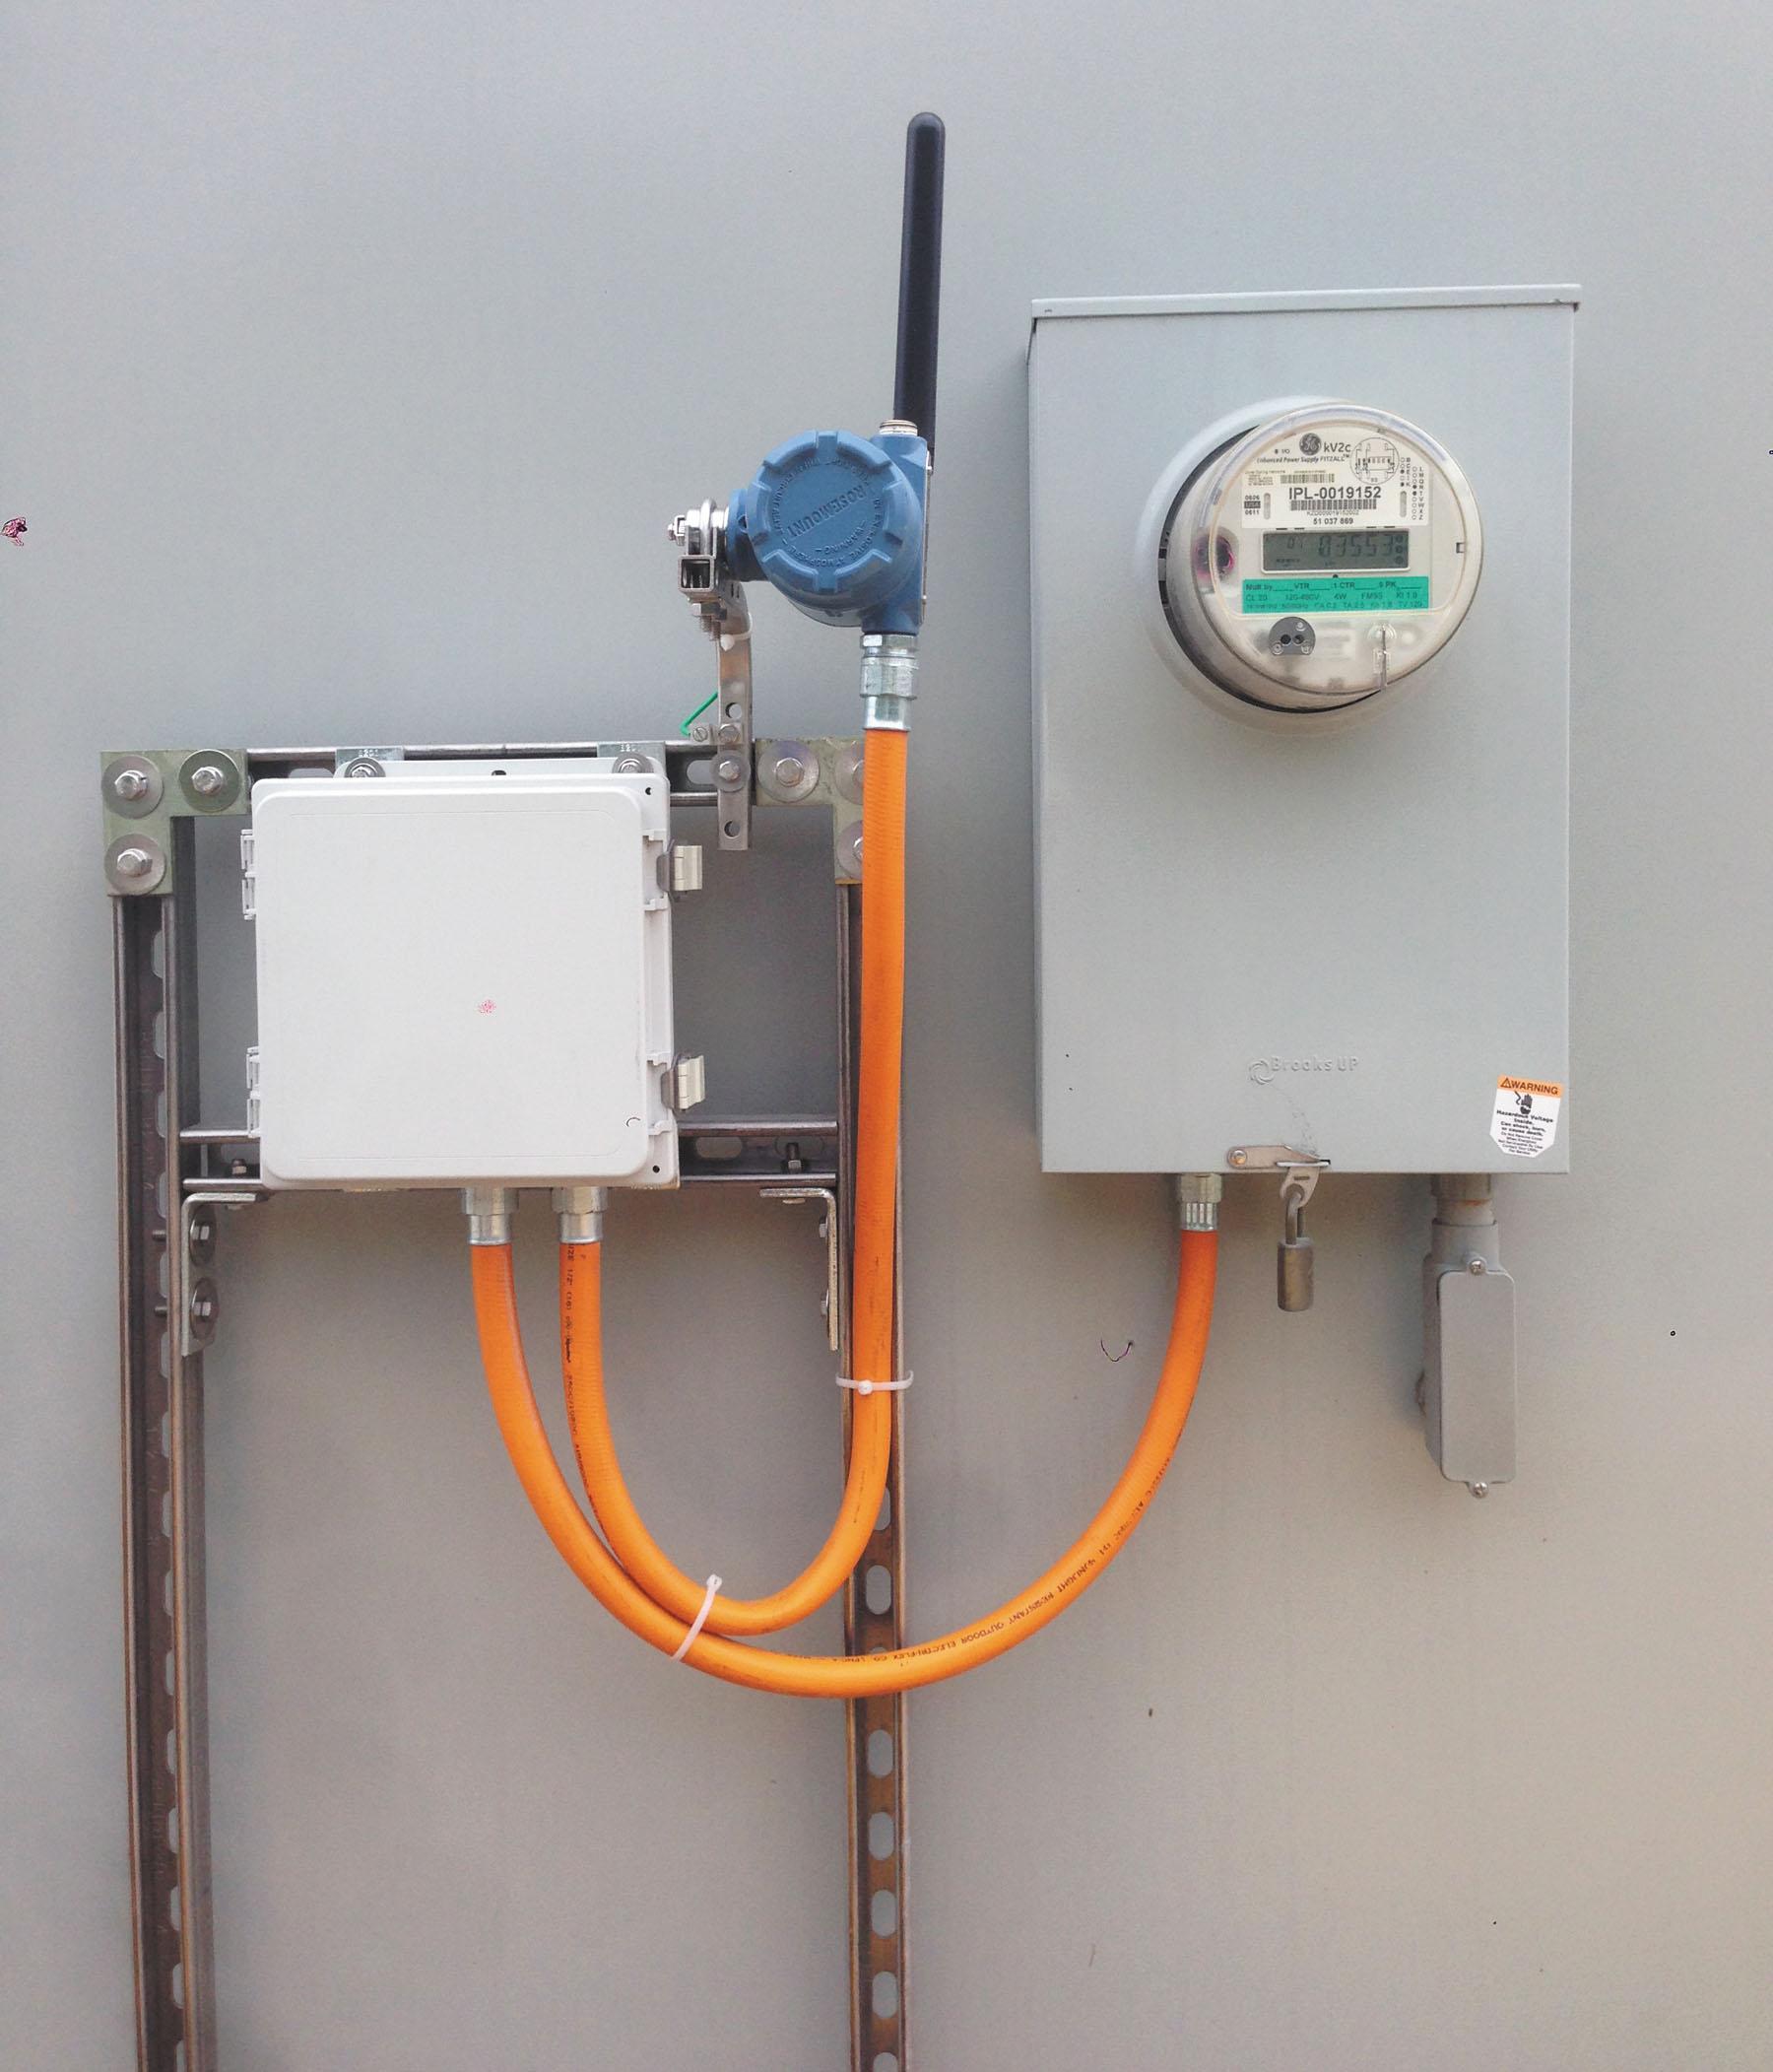 Рис. 4. Дискретные беспроводные передатчики Rosemount 702 обеспечивают предоставление данных о потреблении электроэнергии в реальном масштабе времени